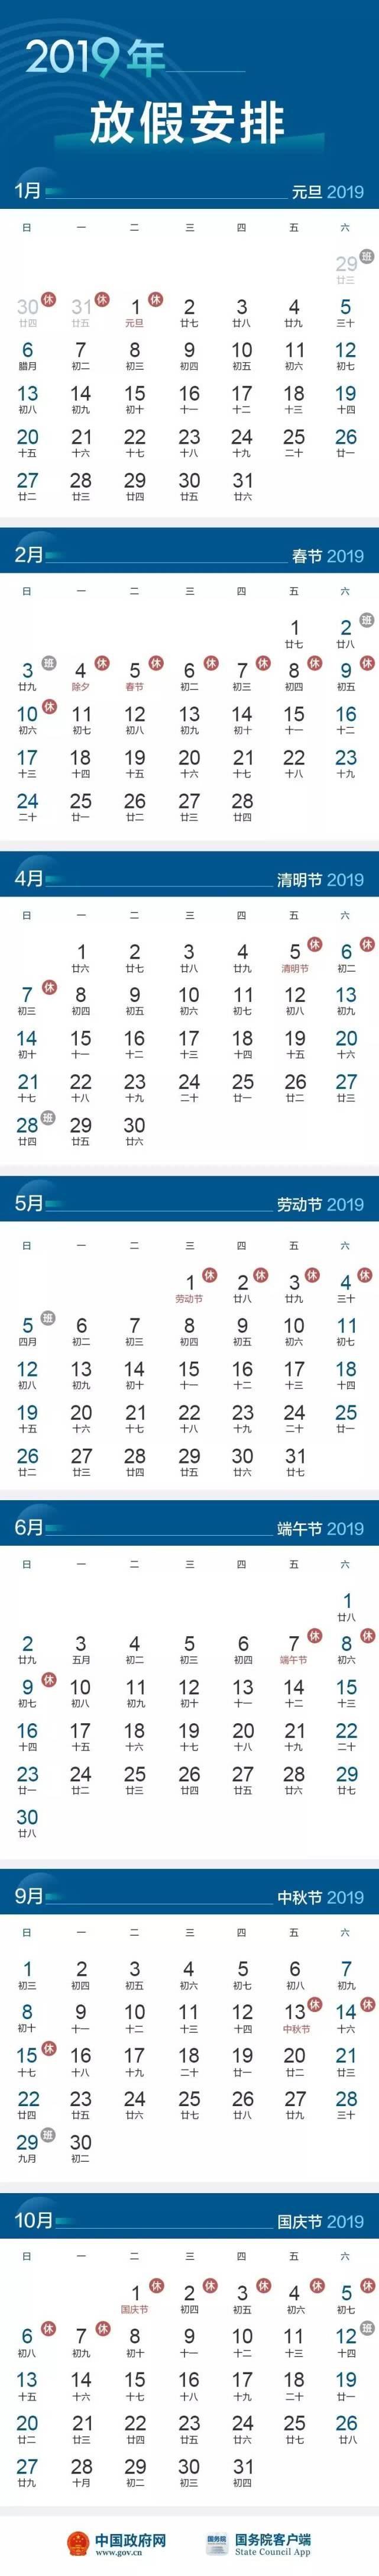 快讯:2019年五一放假调休4天 附最新放假长图 资讯 第2张